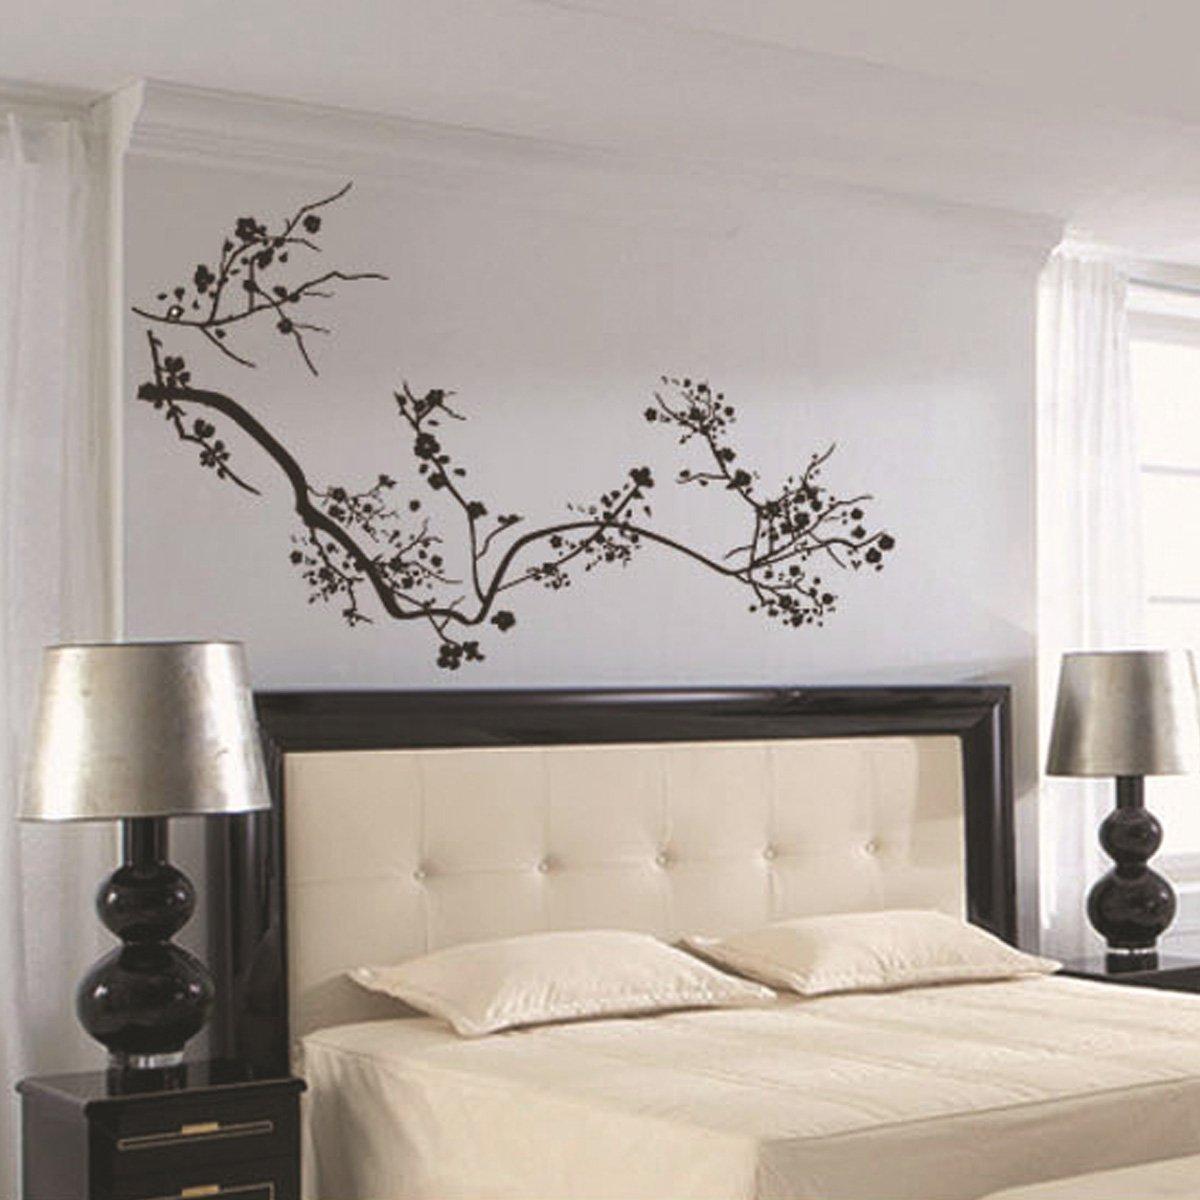 Yesurprise vinilo decorativo para sal n y dormitorio - Decoracion en pared ...